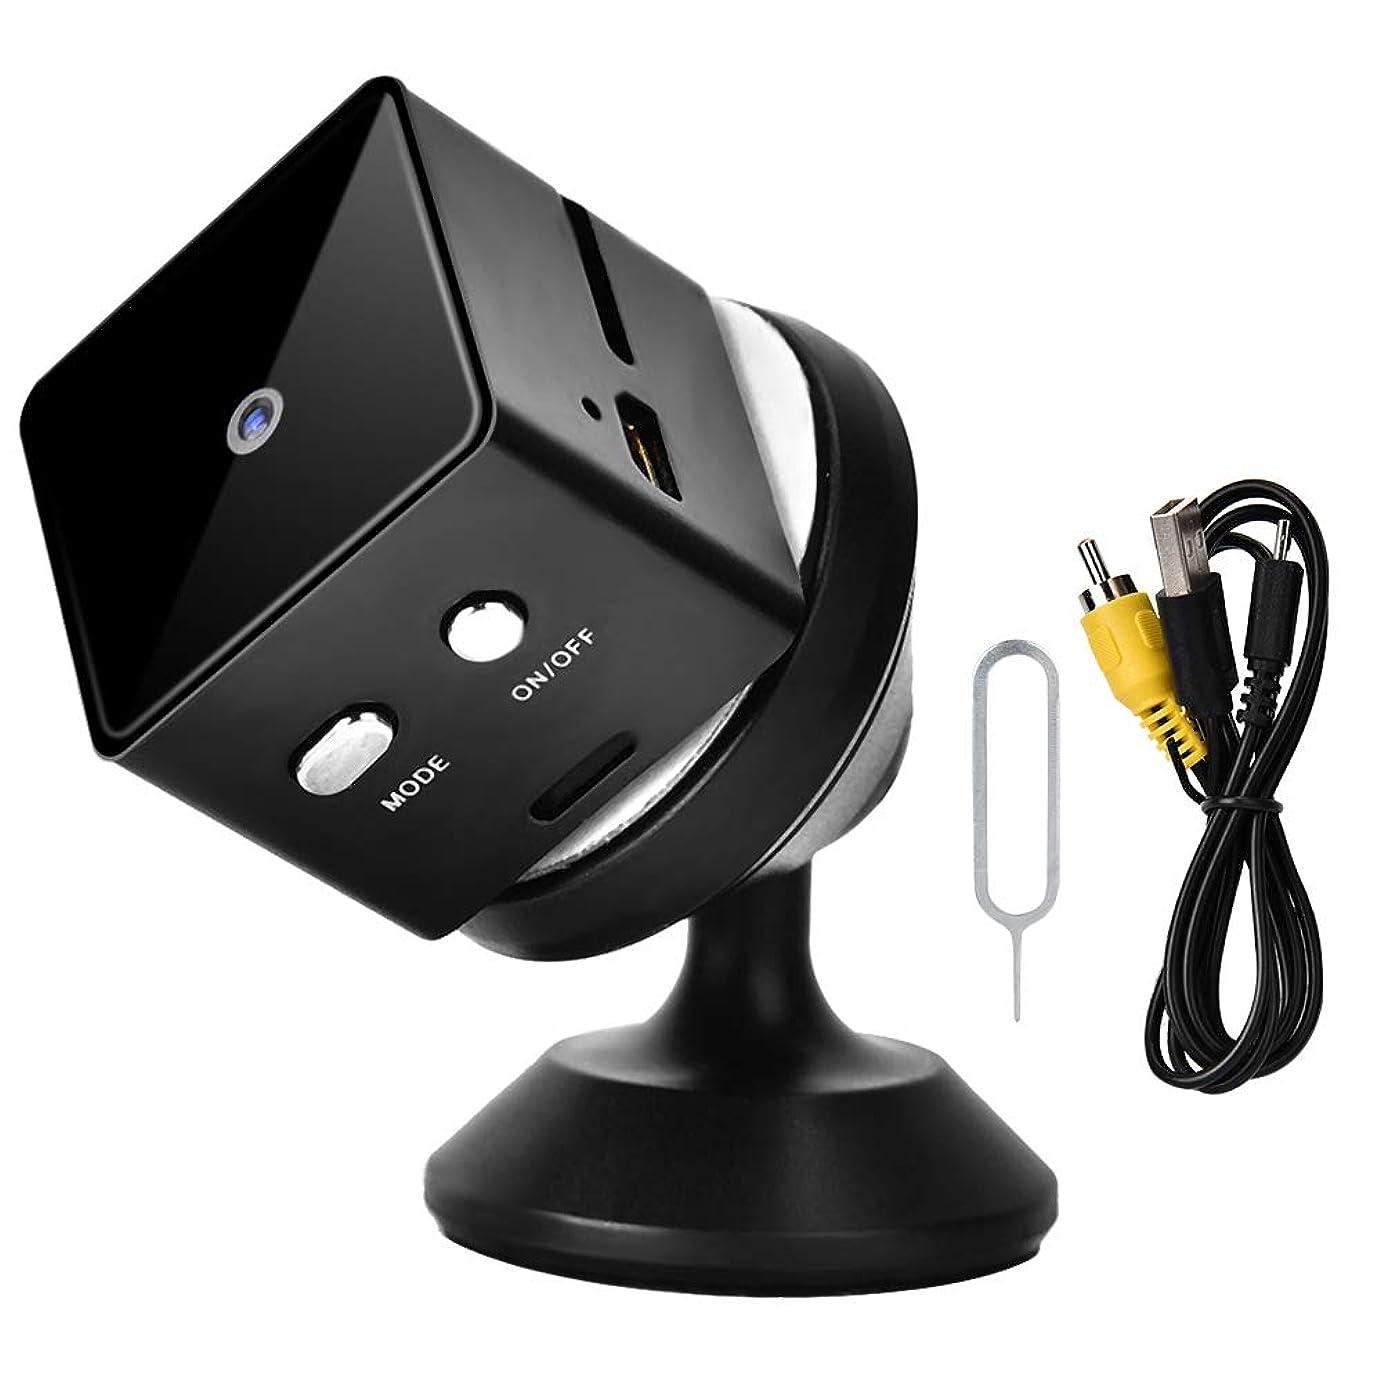 症状緩む素子隠された小型スパイのカメラ - 1080P HD携帯用小型カメラ、DVの監視カメラのホームセキュリティーの乳母車のカムコーダーのコンパクトの屋内/屋外のビデオレコーダー